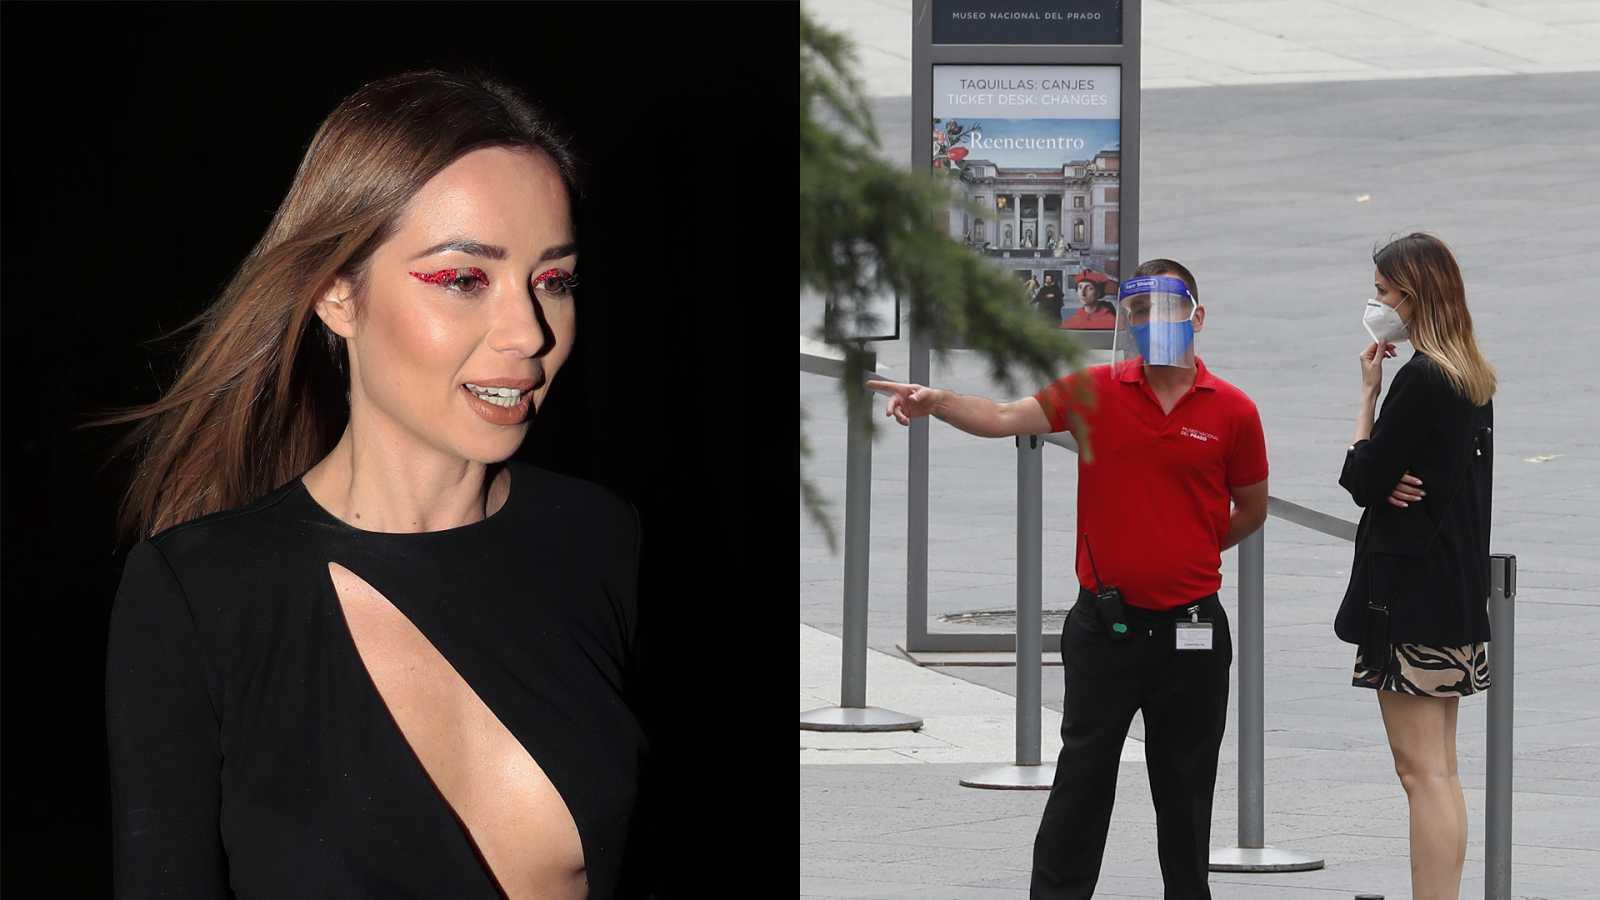 La actriz Dafne Fernández (35) visita el Museo del Prado en su reapertura